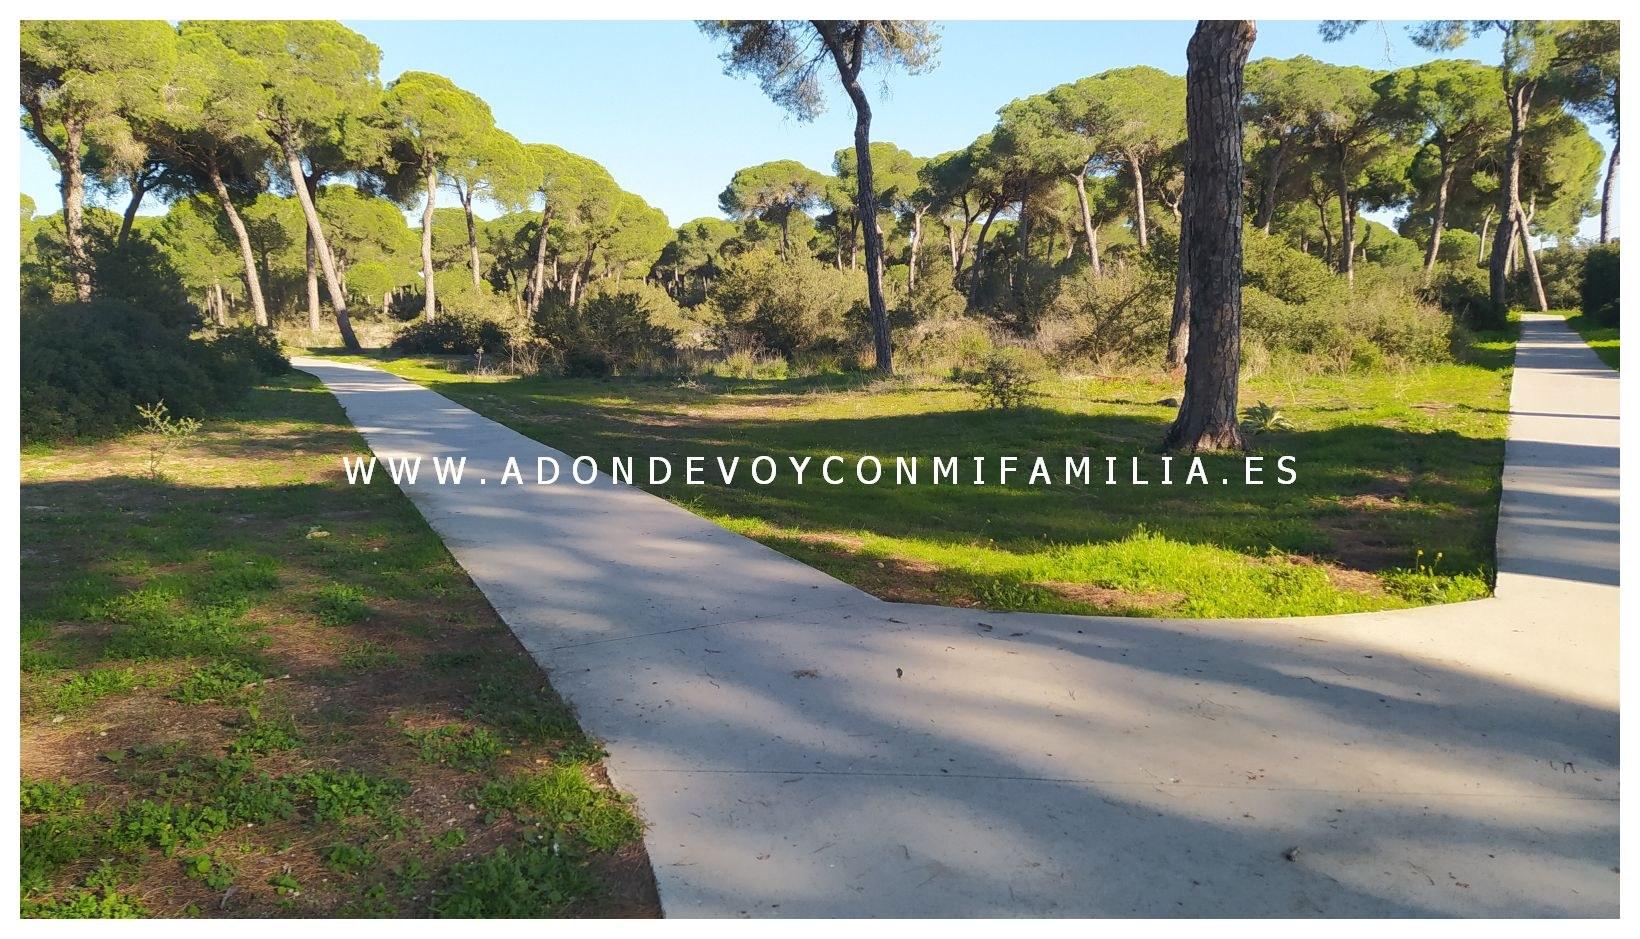 sendero-cerro-del-aguila-pinar-de-la-algaida-sanlucar-adondevoyconmifamilia-34